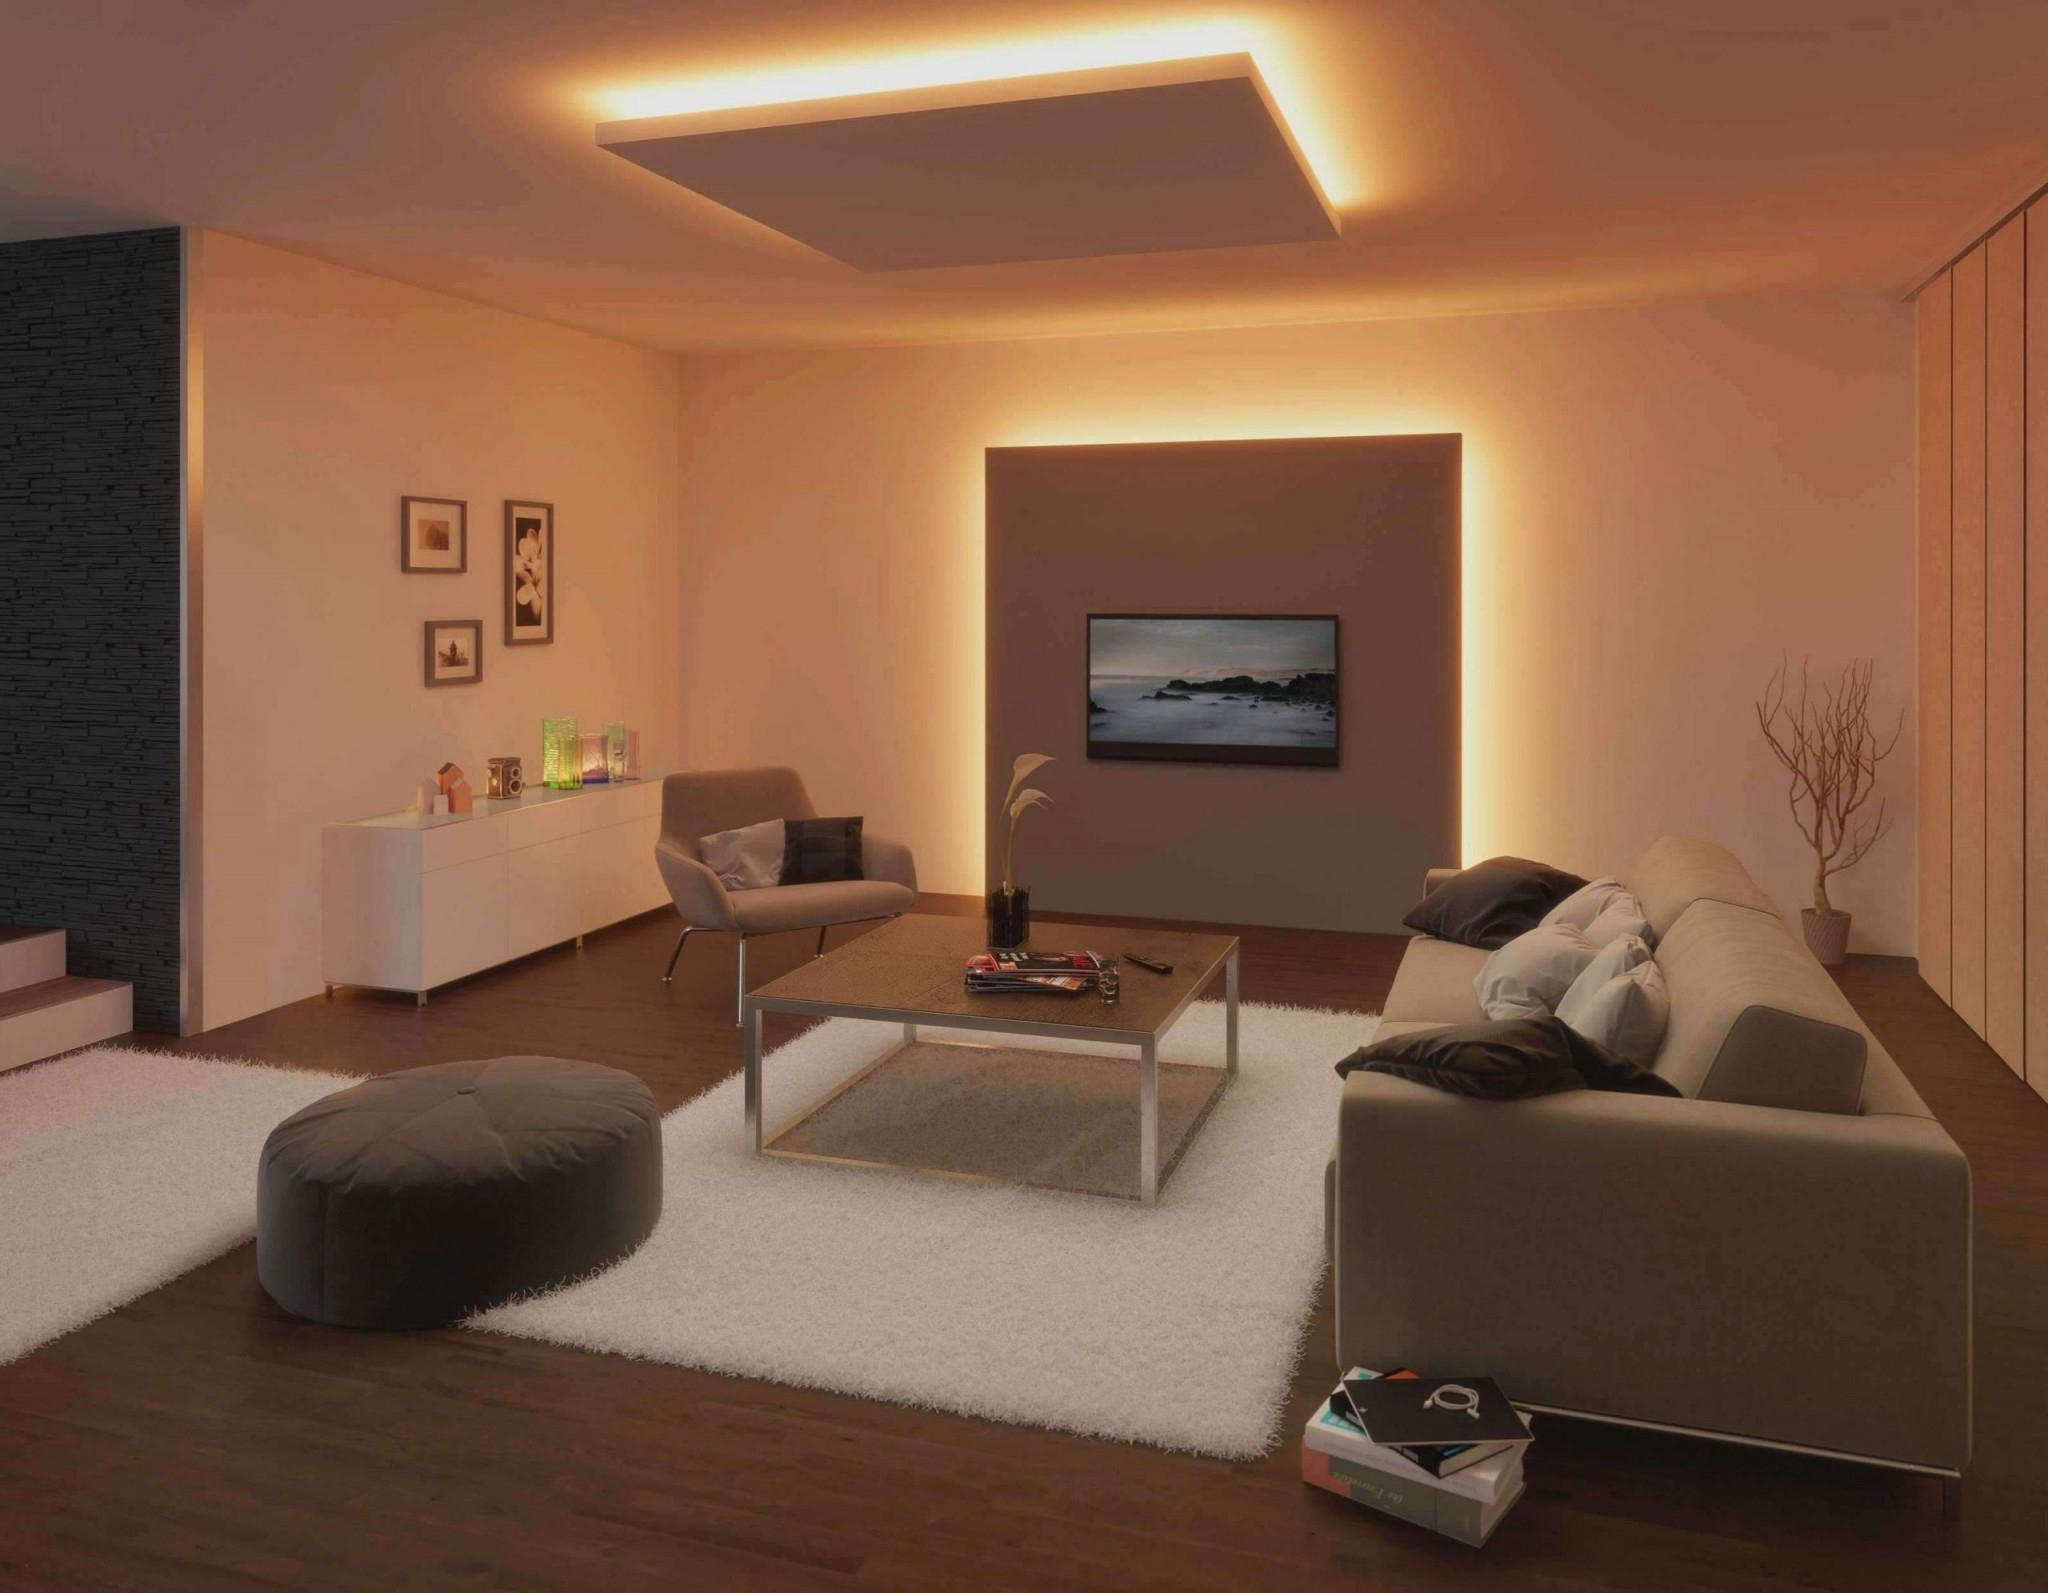 Schöne Bilder Für Wohnzimmer Reizend Genial Schöne von Schöne Bilder Wohnzimmer Photo